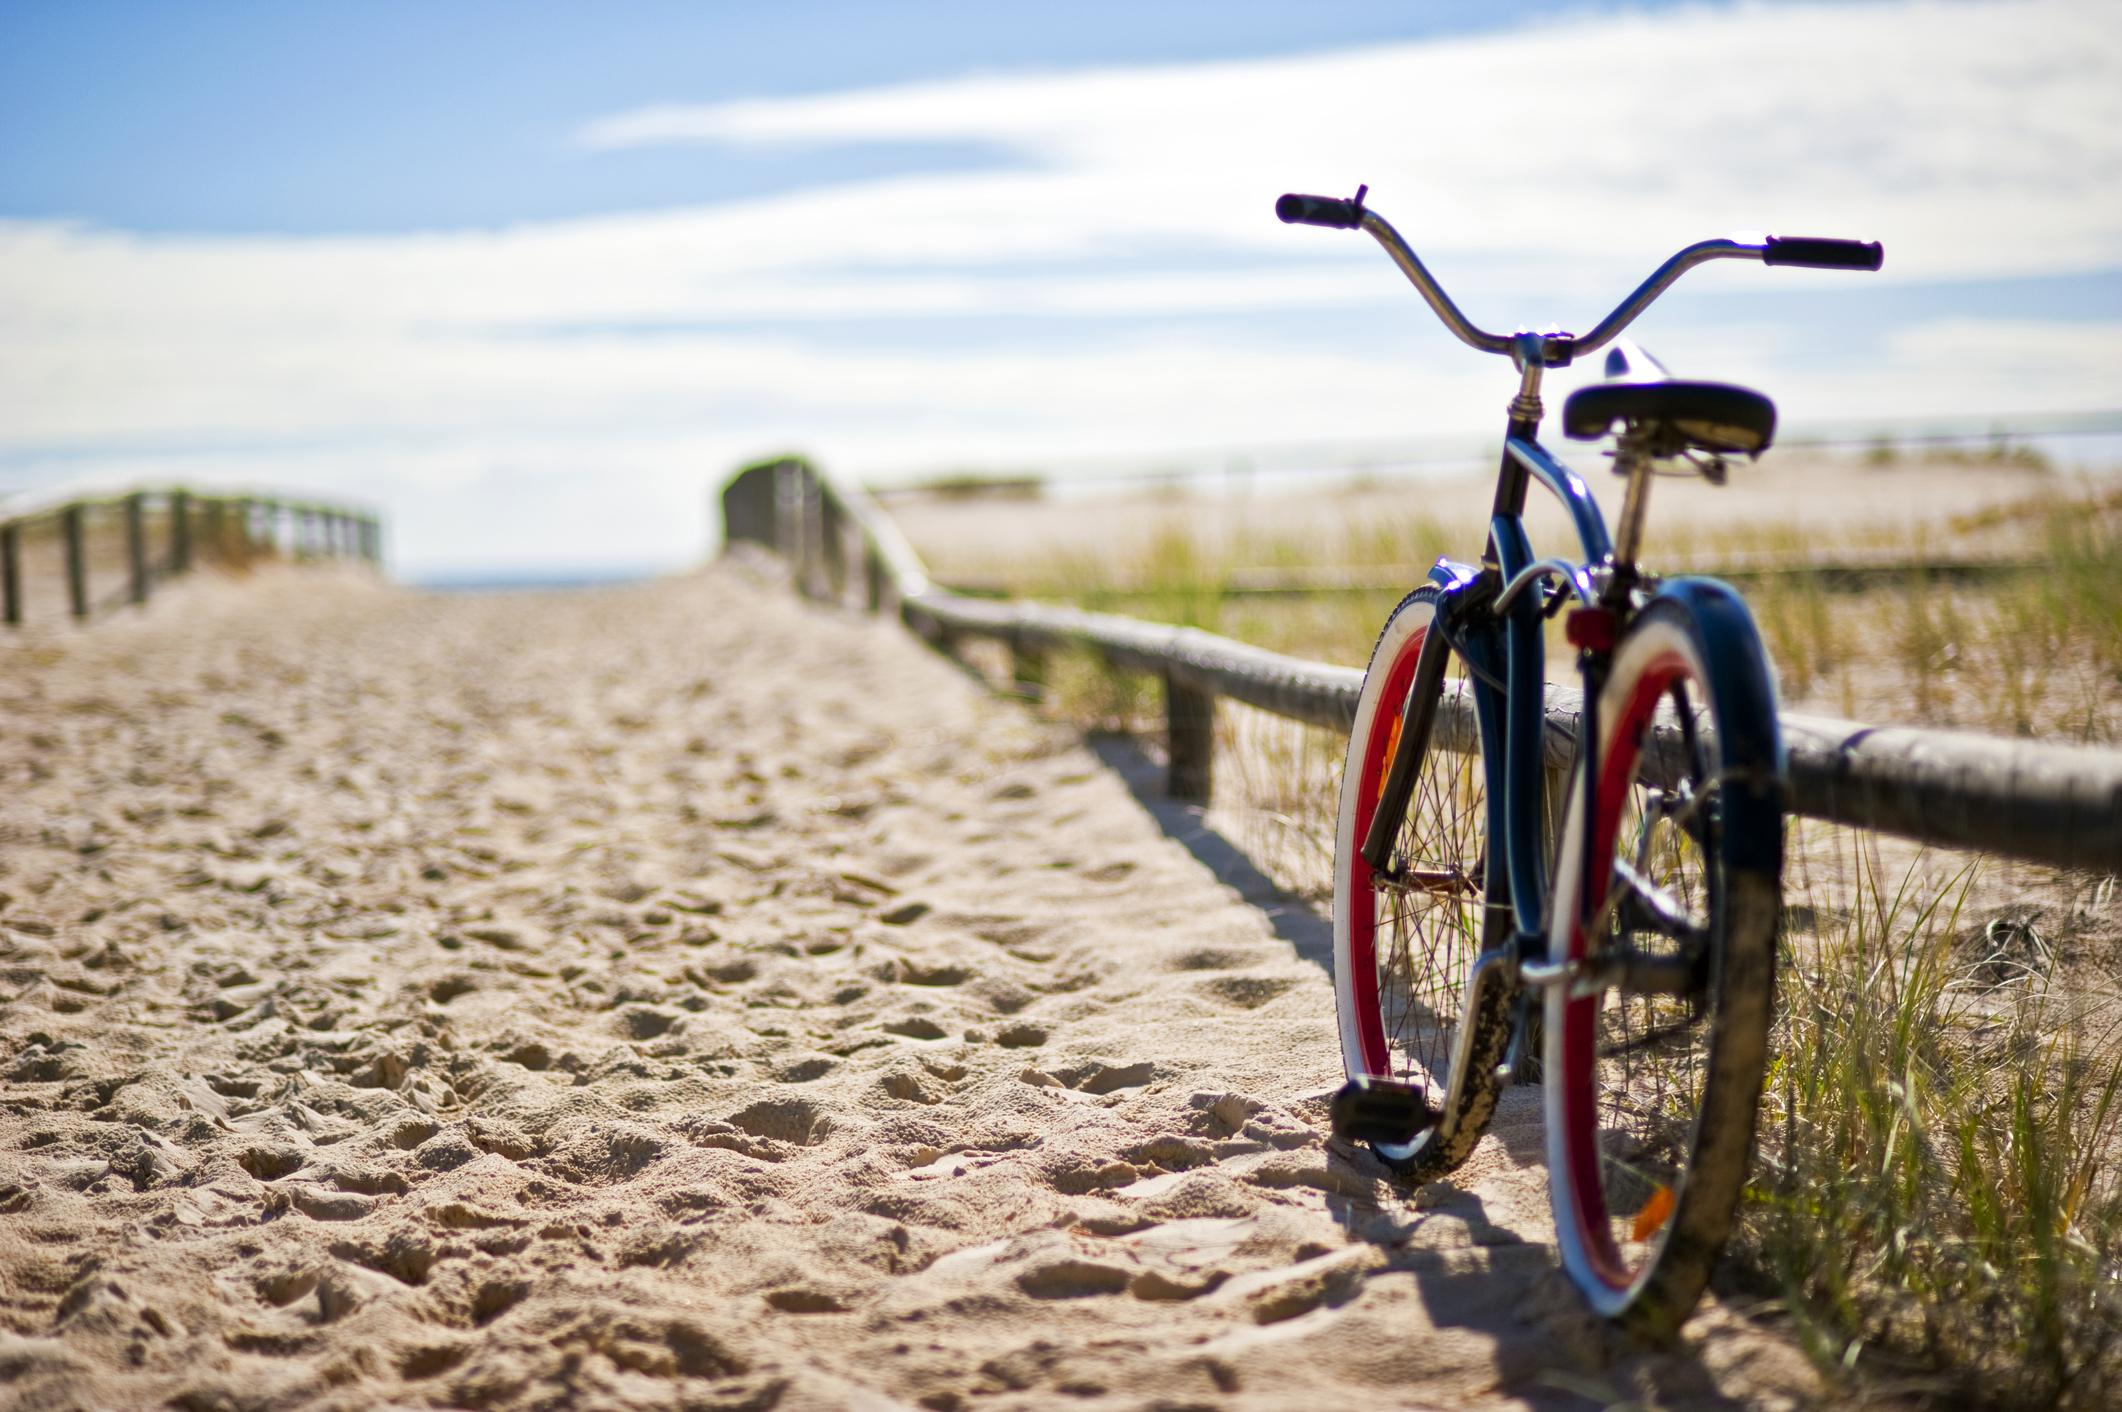 Tozu Dumana Katın! Neden Bisiklet Sürülmeli